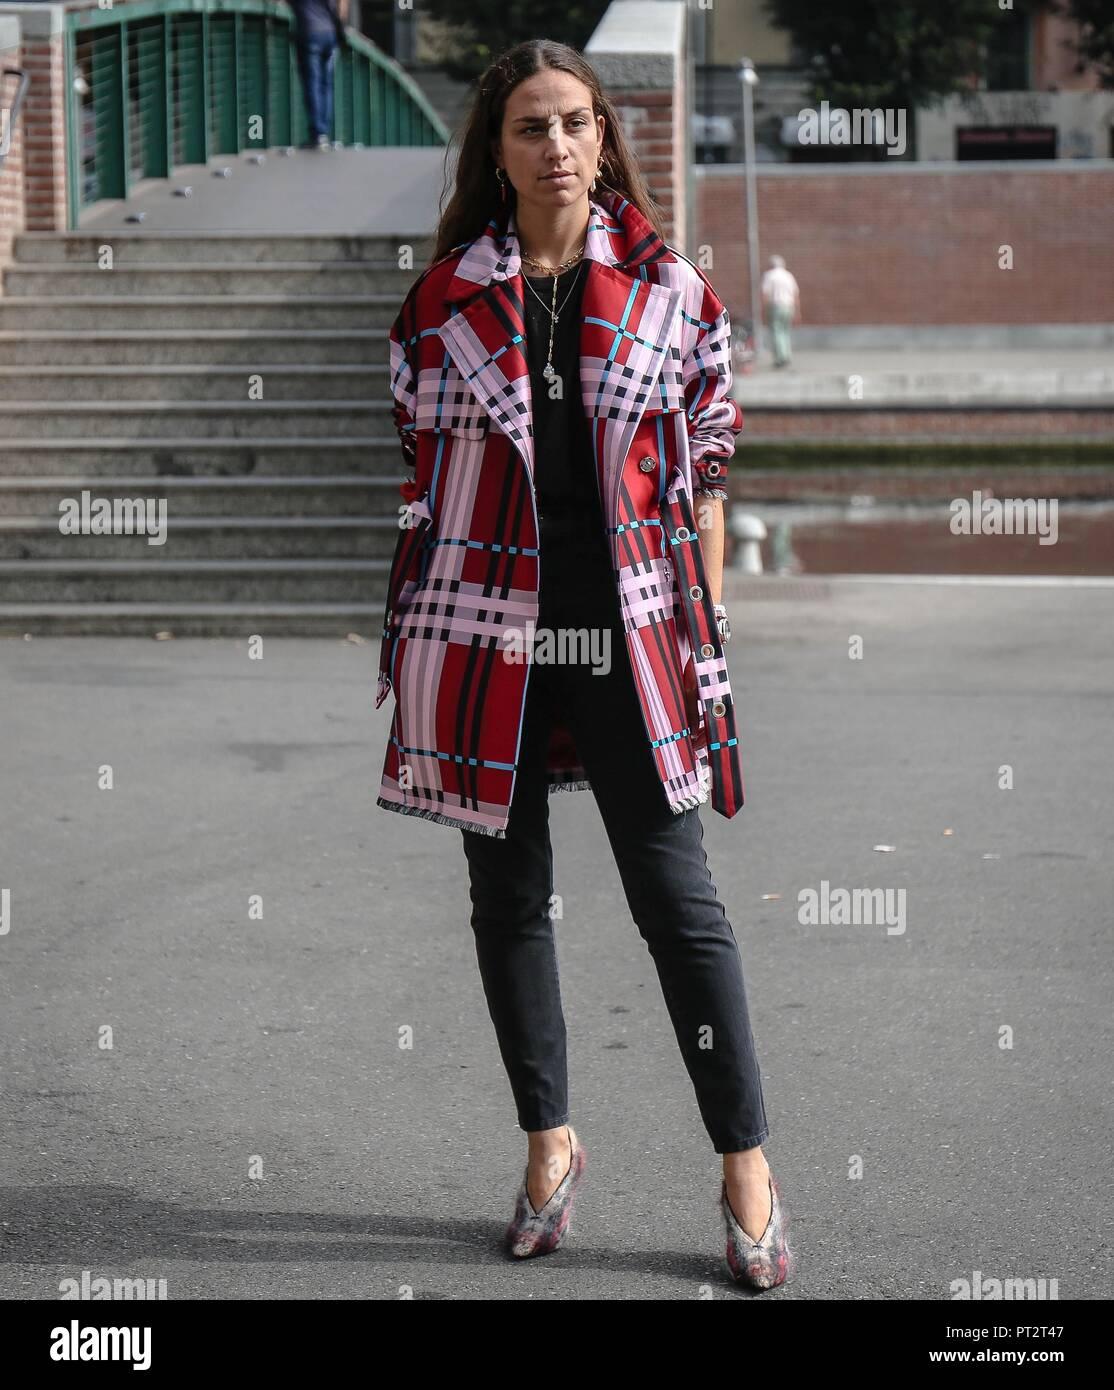 MILAN, Italy- September 19 2018: Erika Boldrin on the street during the Milan Fashion Week. - Stock Image